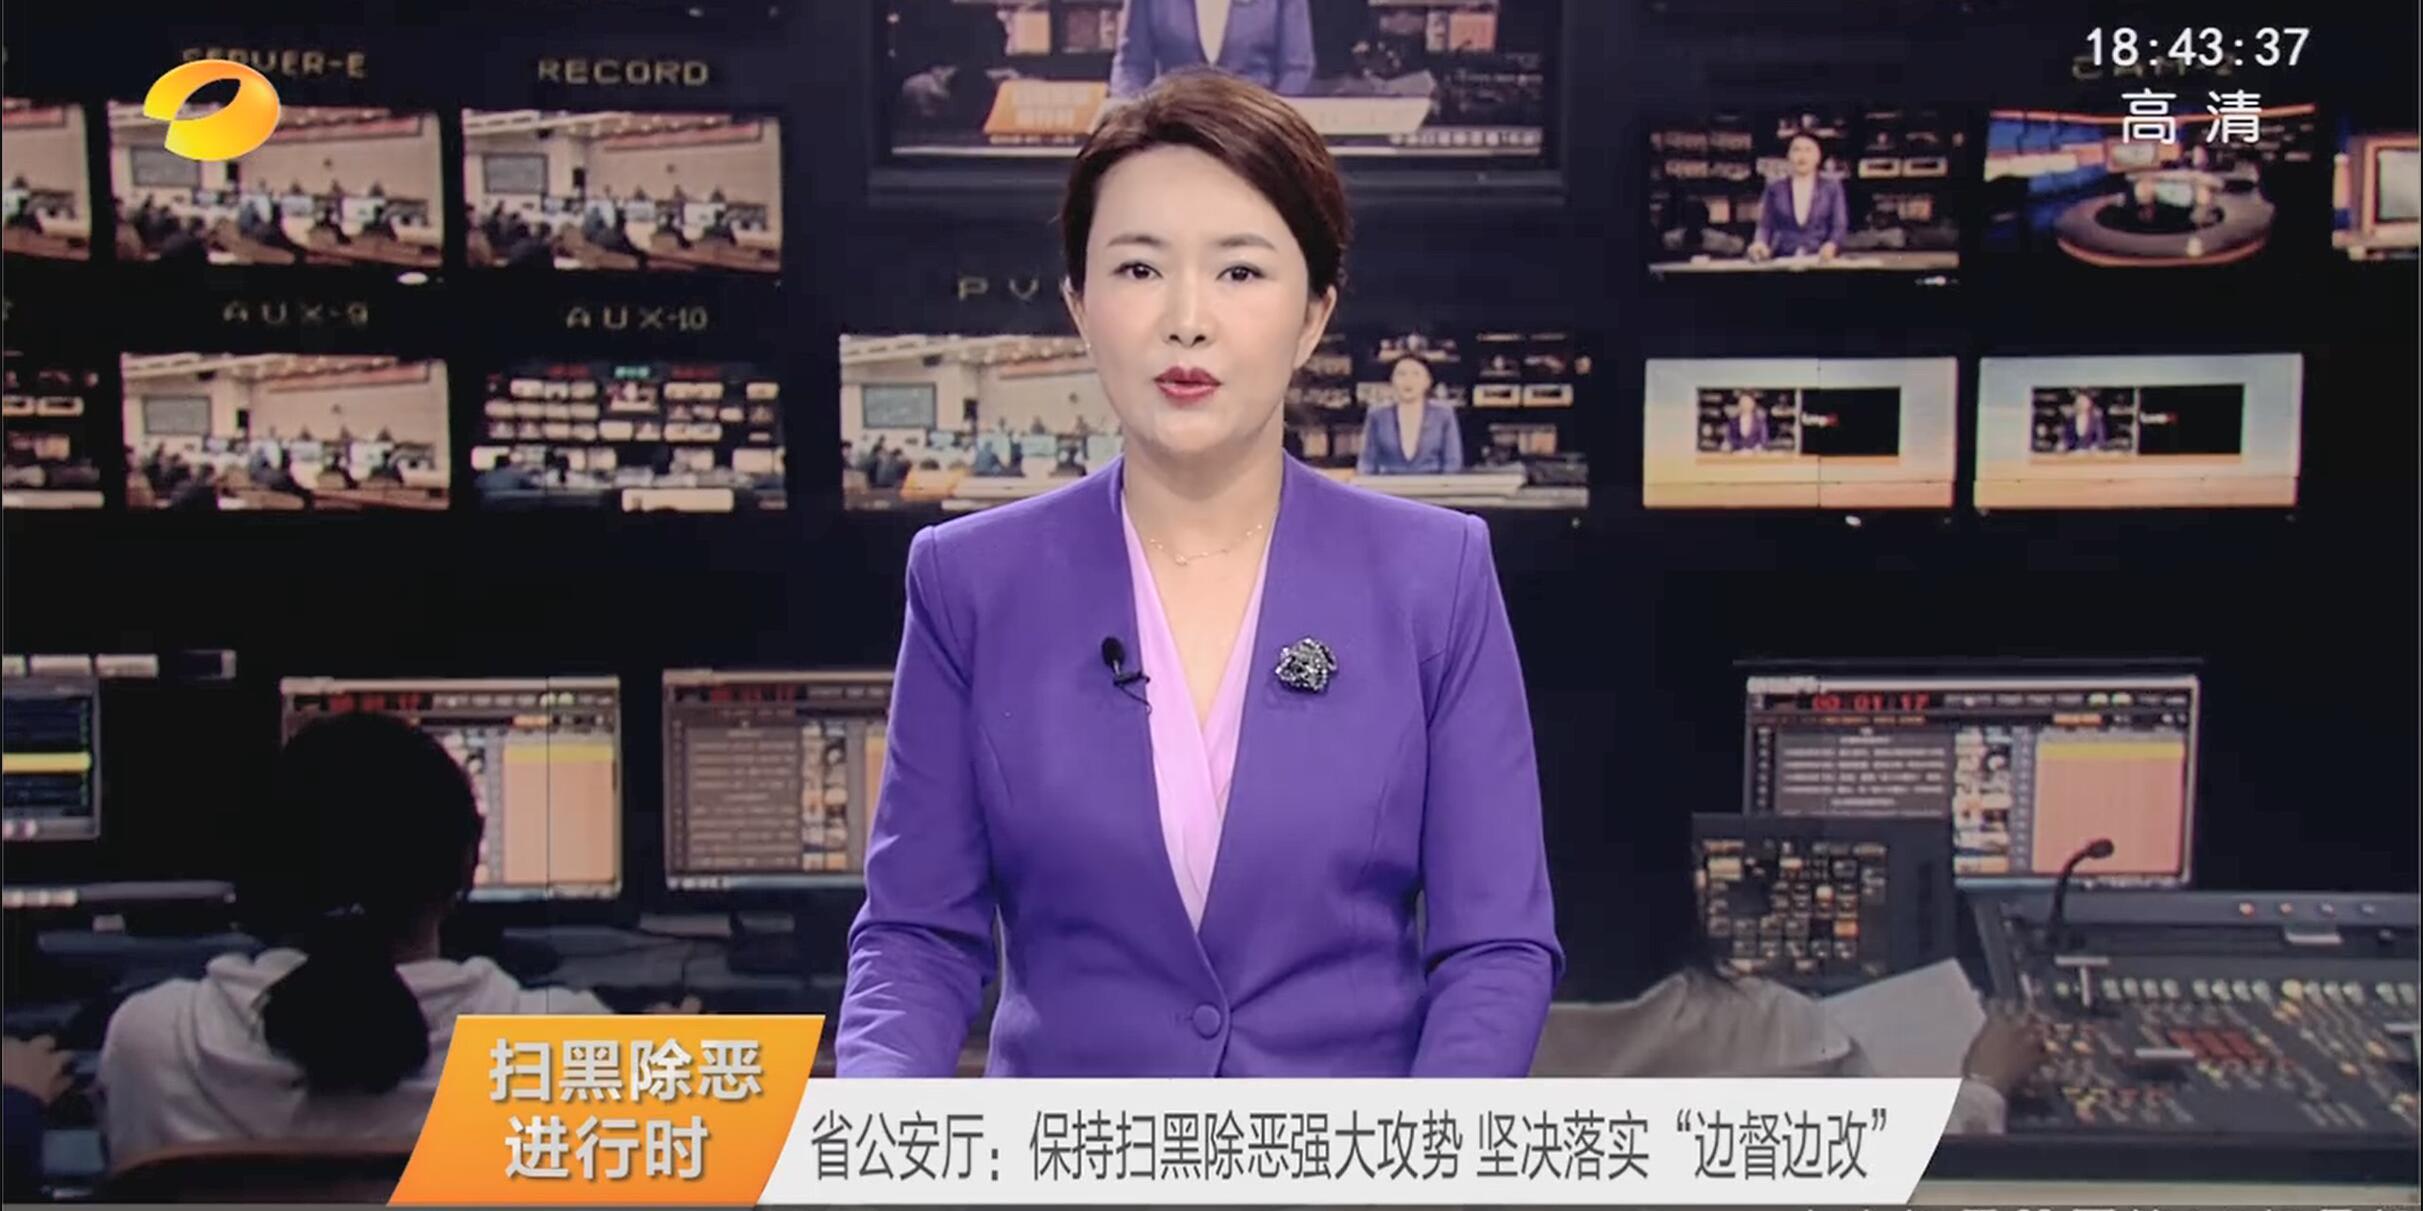 """湖南省公安厅:保持扫黑除恶强大攻势 坚决落实""""边督边改"""""""